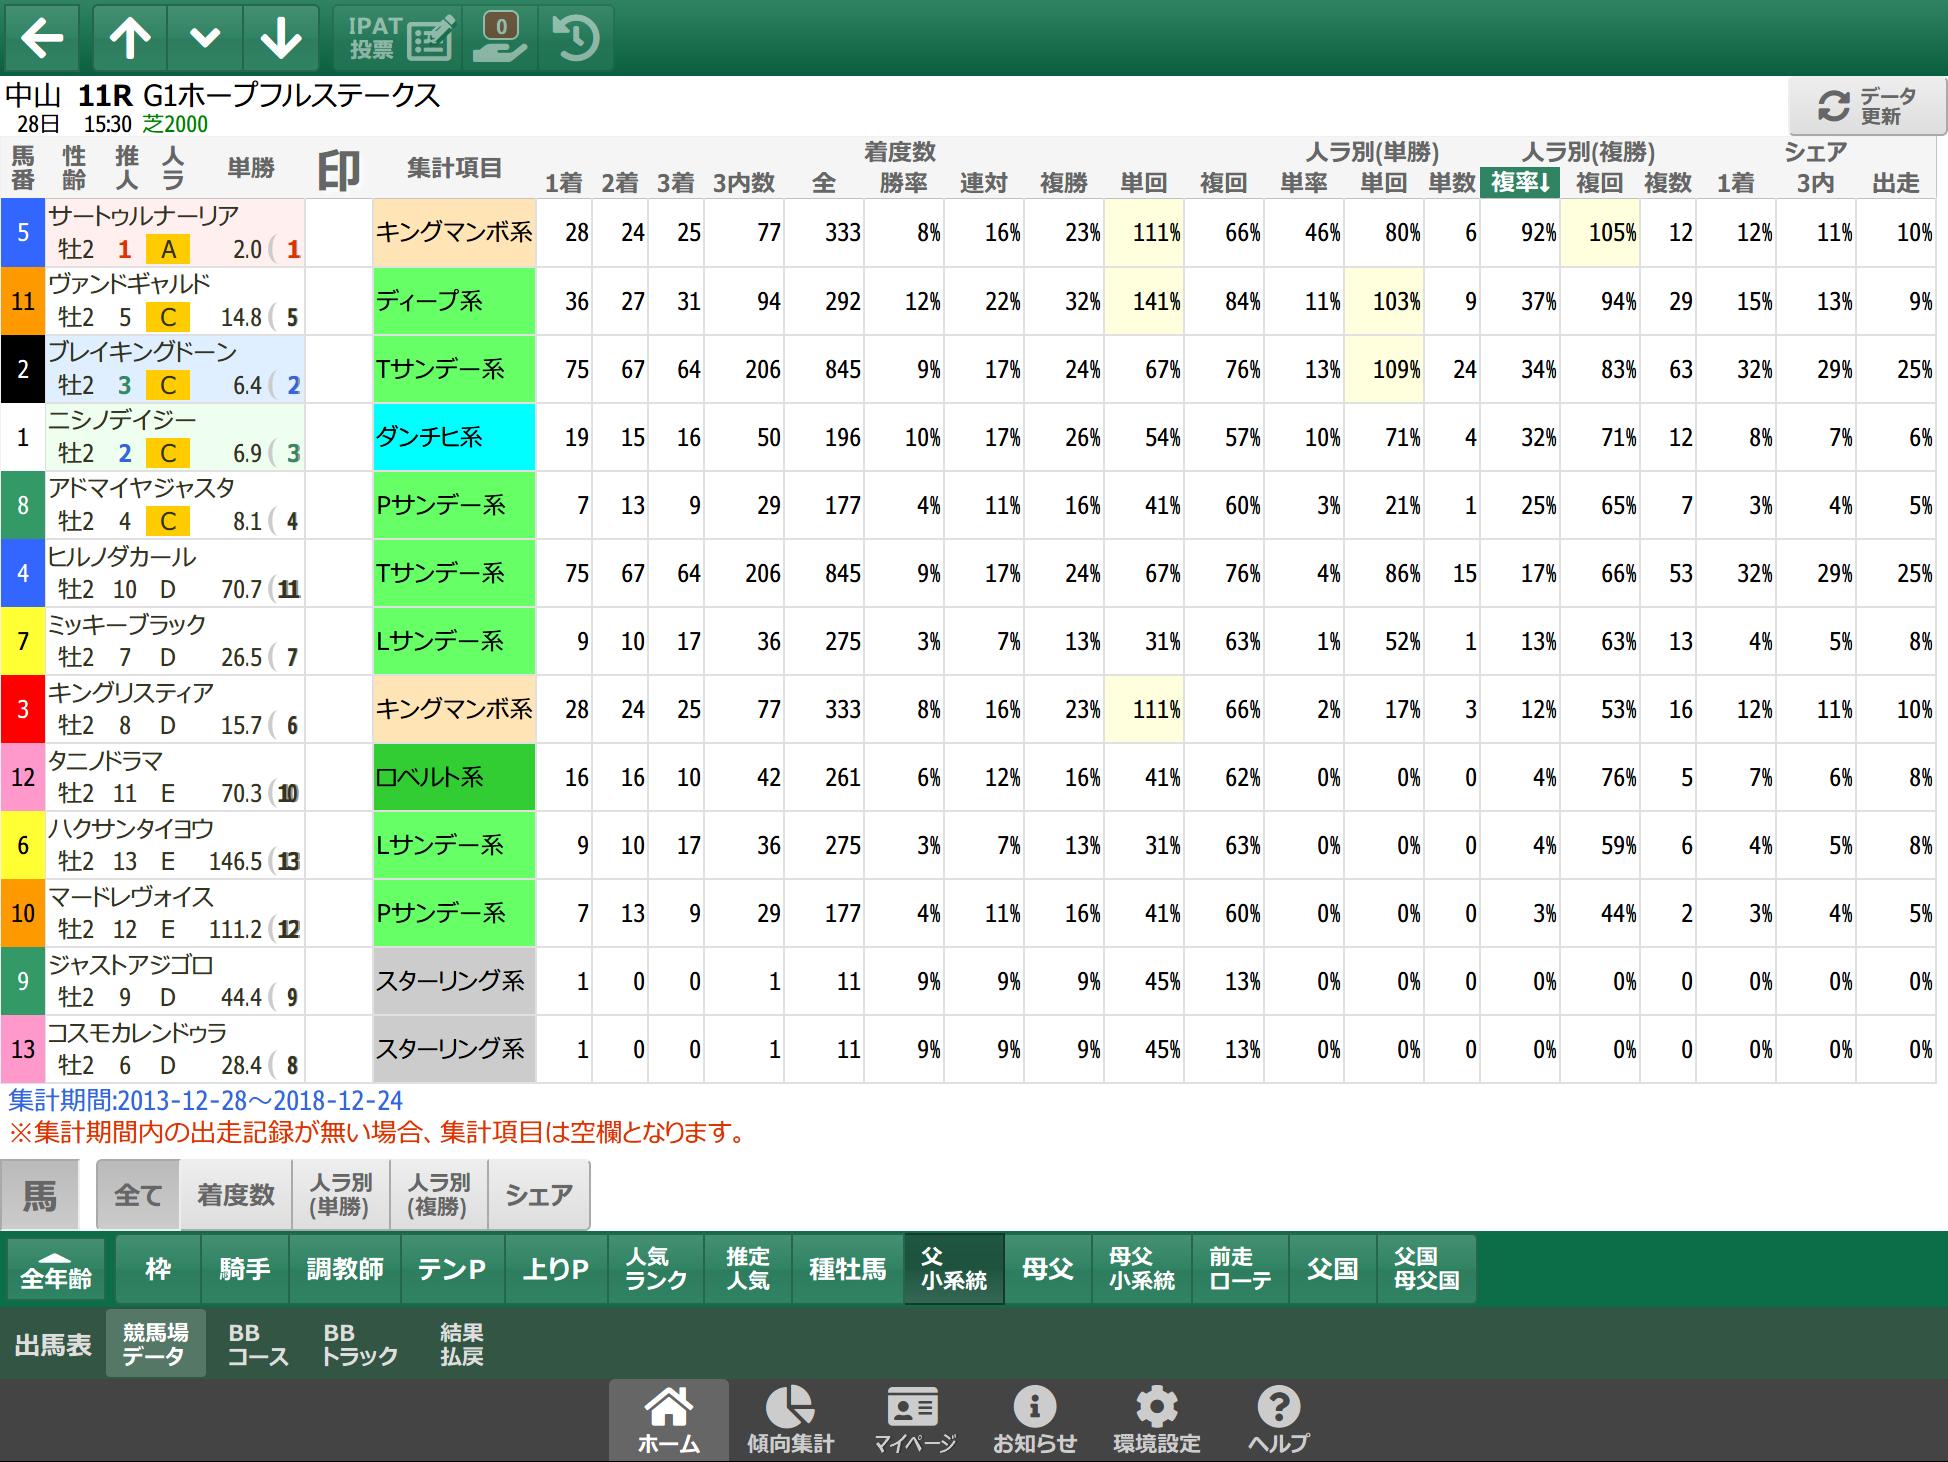 【無料公開】 ホープフルS/スマート出馬表